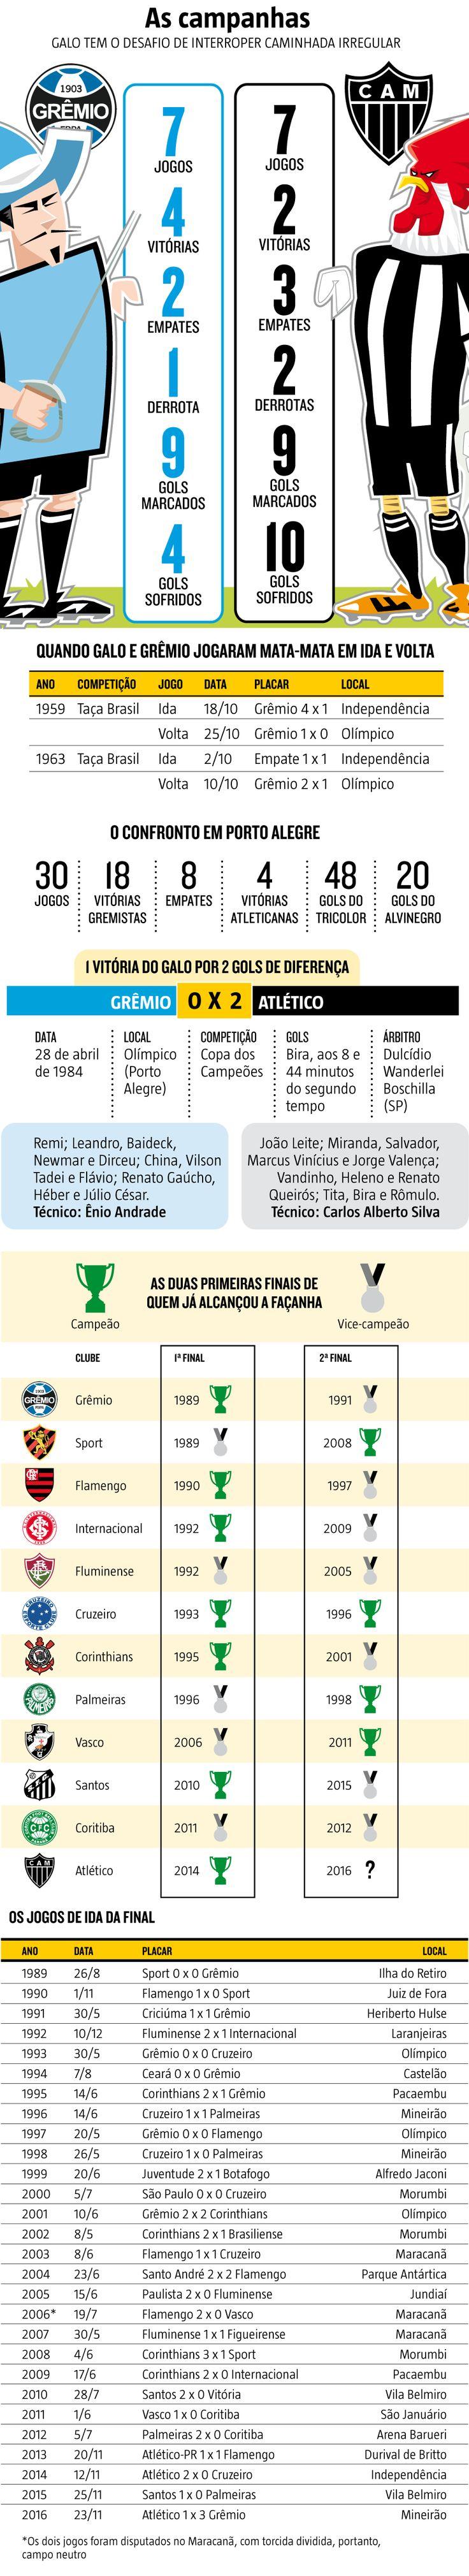 O Atlético, que conquistou a Libertadores de 2013 e a Copa do Brasil de 2014 com viradas inimagináveis, irá nesta terça-feira (6) para Porto Alegre, cidade onde só venceu o Grêmio, por dois gols de diferença, uma vez, em 1982. (06/11/2016) #Grêmio #Galo #Atlético #CopaDoBrasil #Infográfico #Infografia #HojeEmDia